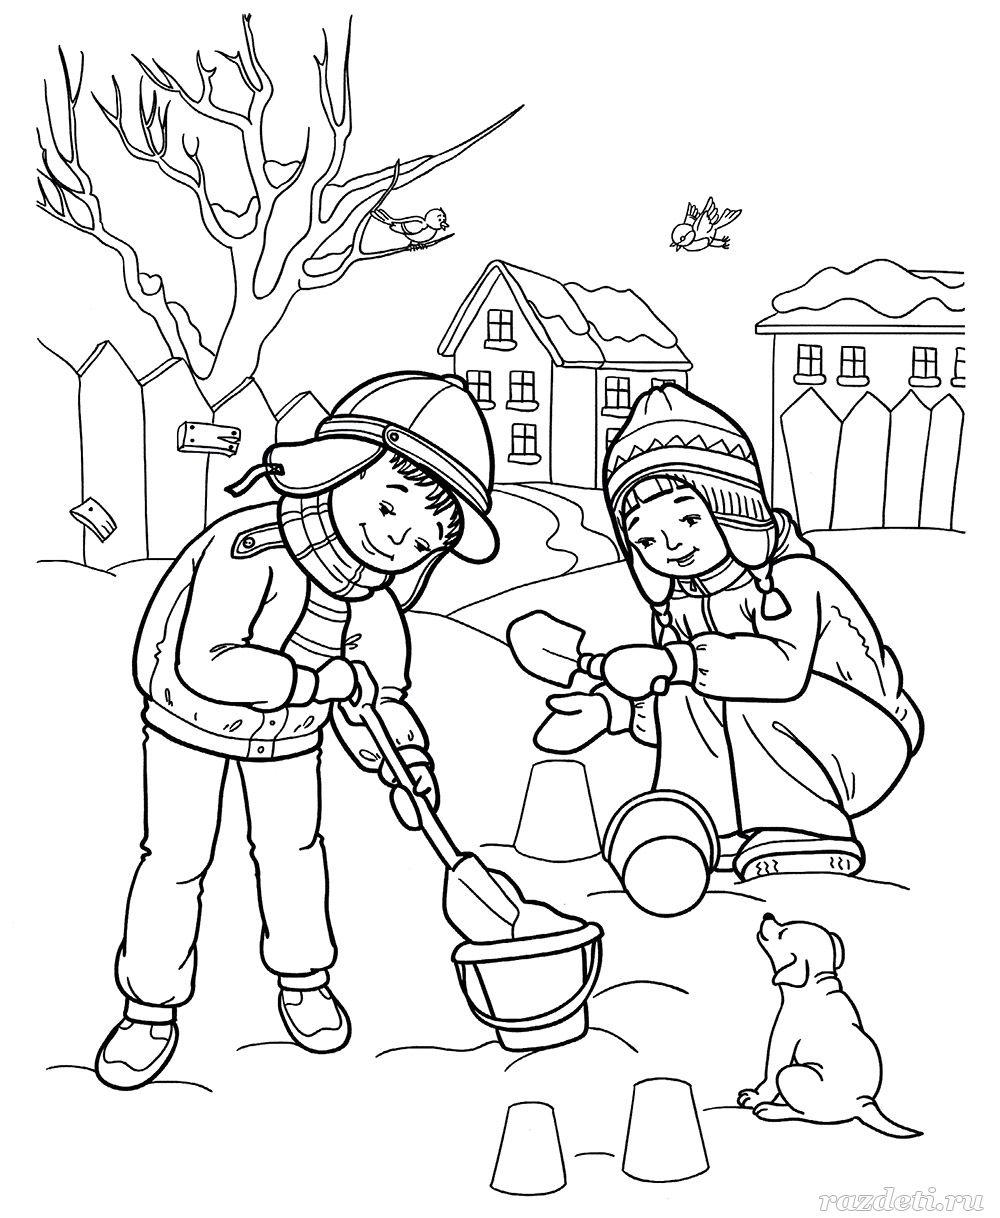 Зимняя раскраска для детей 7-8 лет